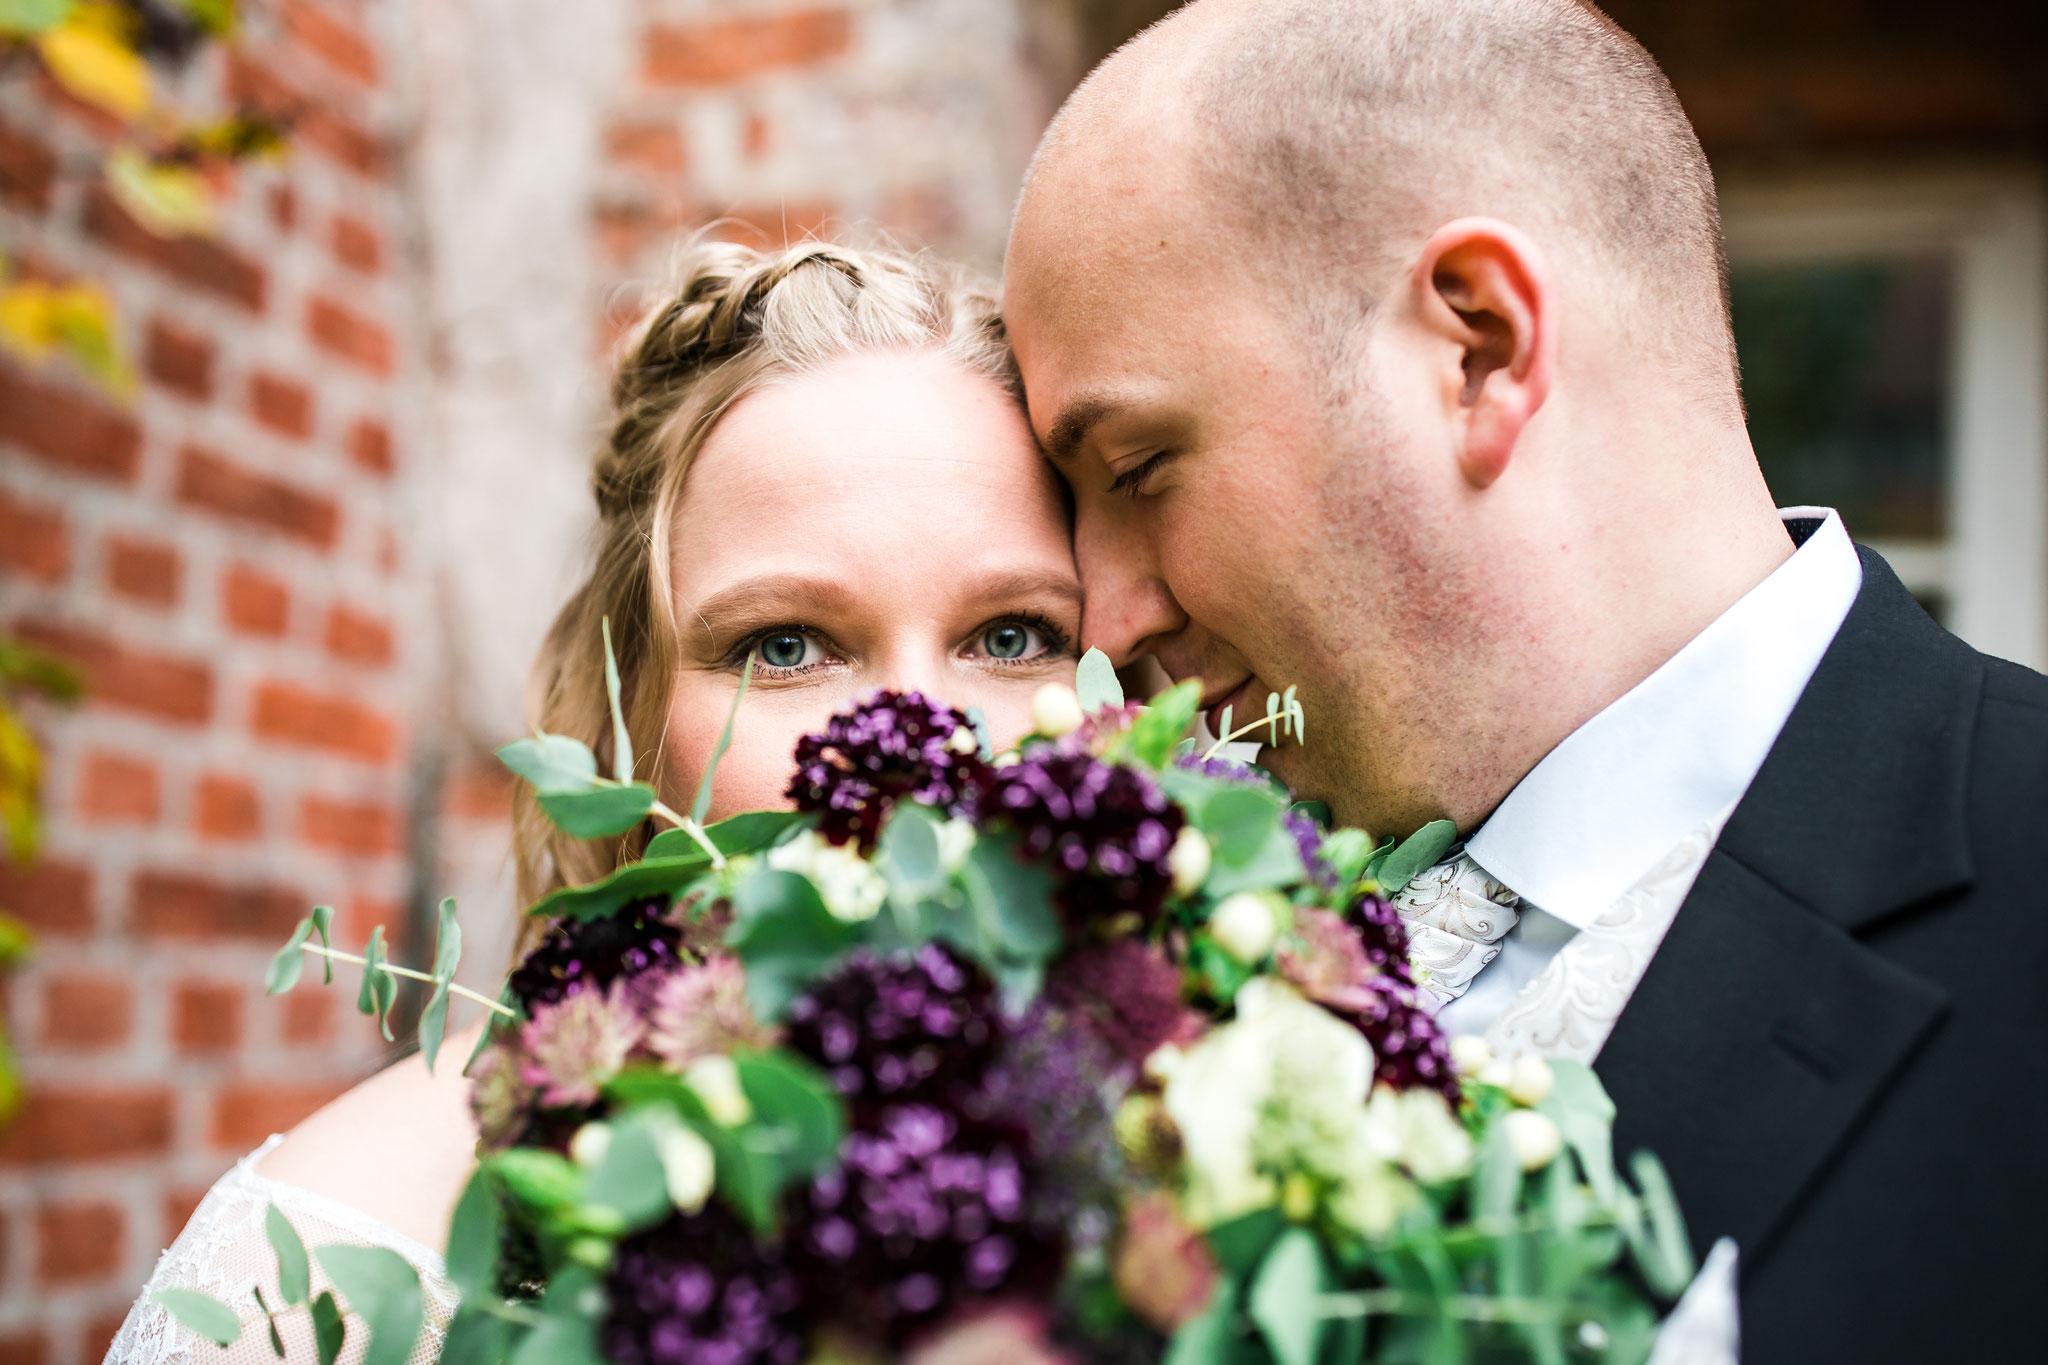 Brautpaar mit Hochzeitsstrauß